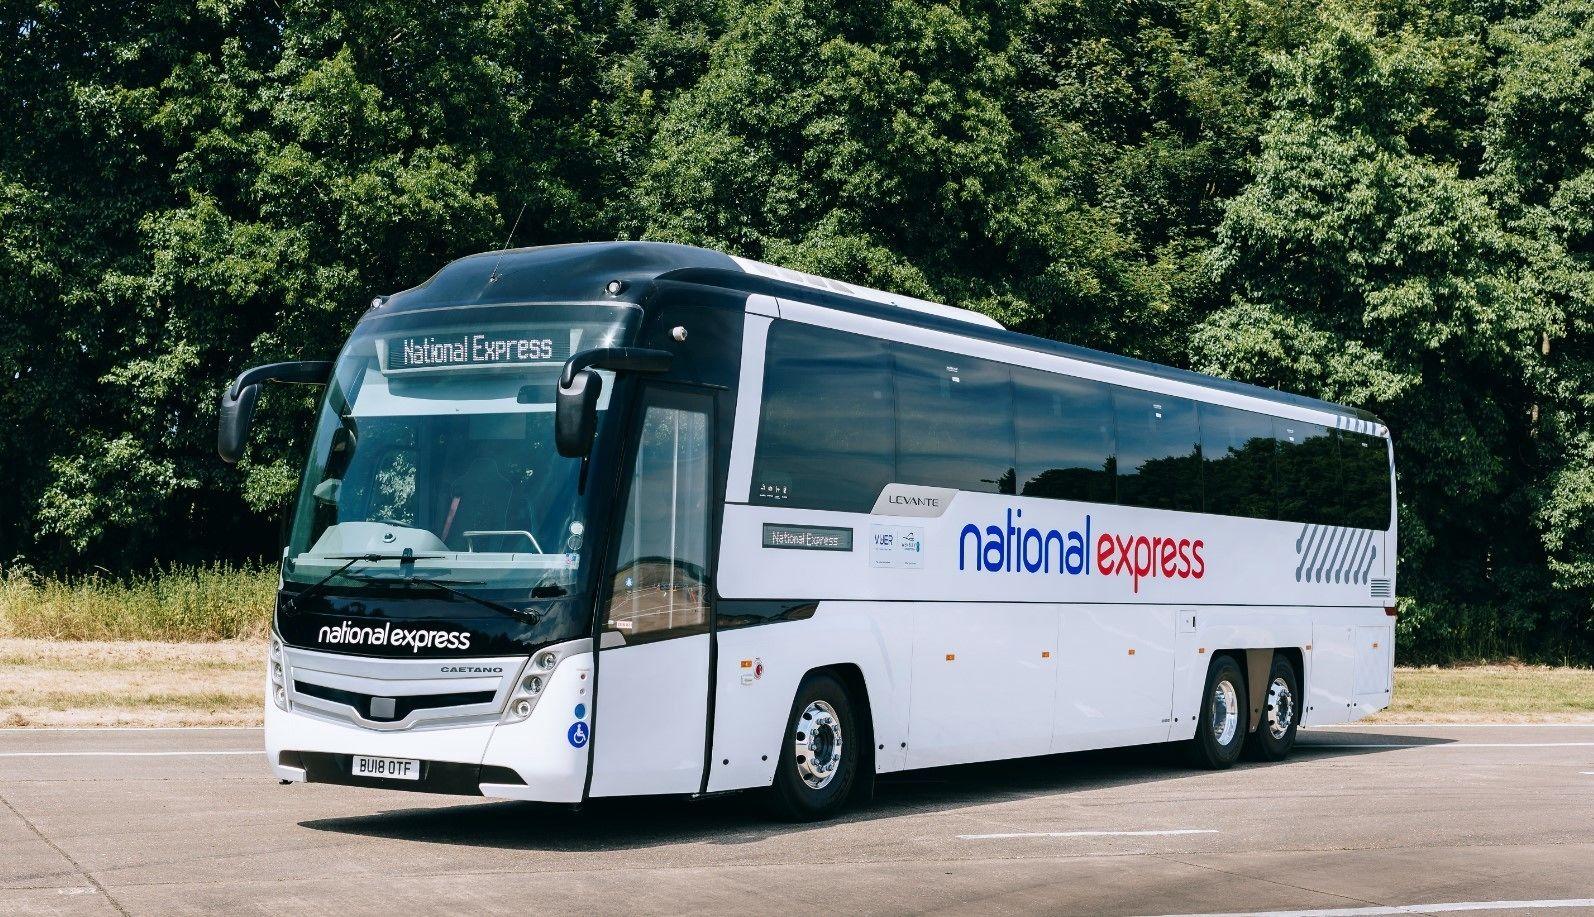 Delt buss – fra Gatwick lufthavn (LGW) til Heathrow lufthavn (LHR)